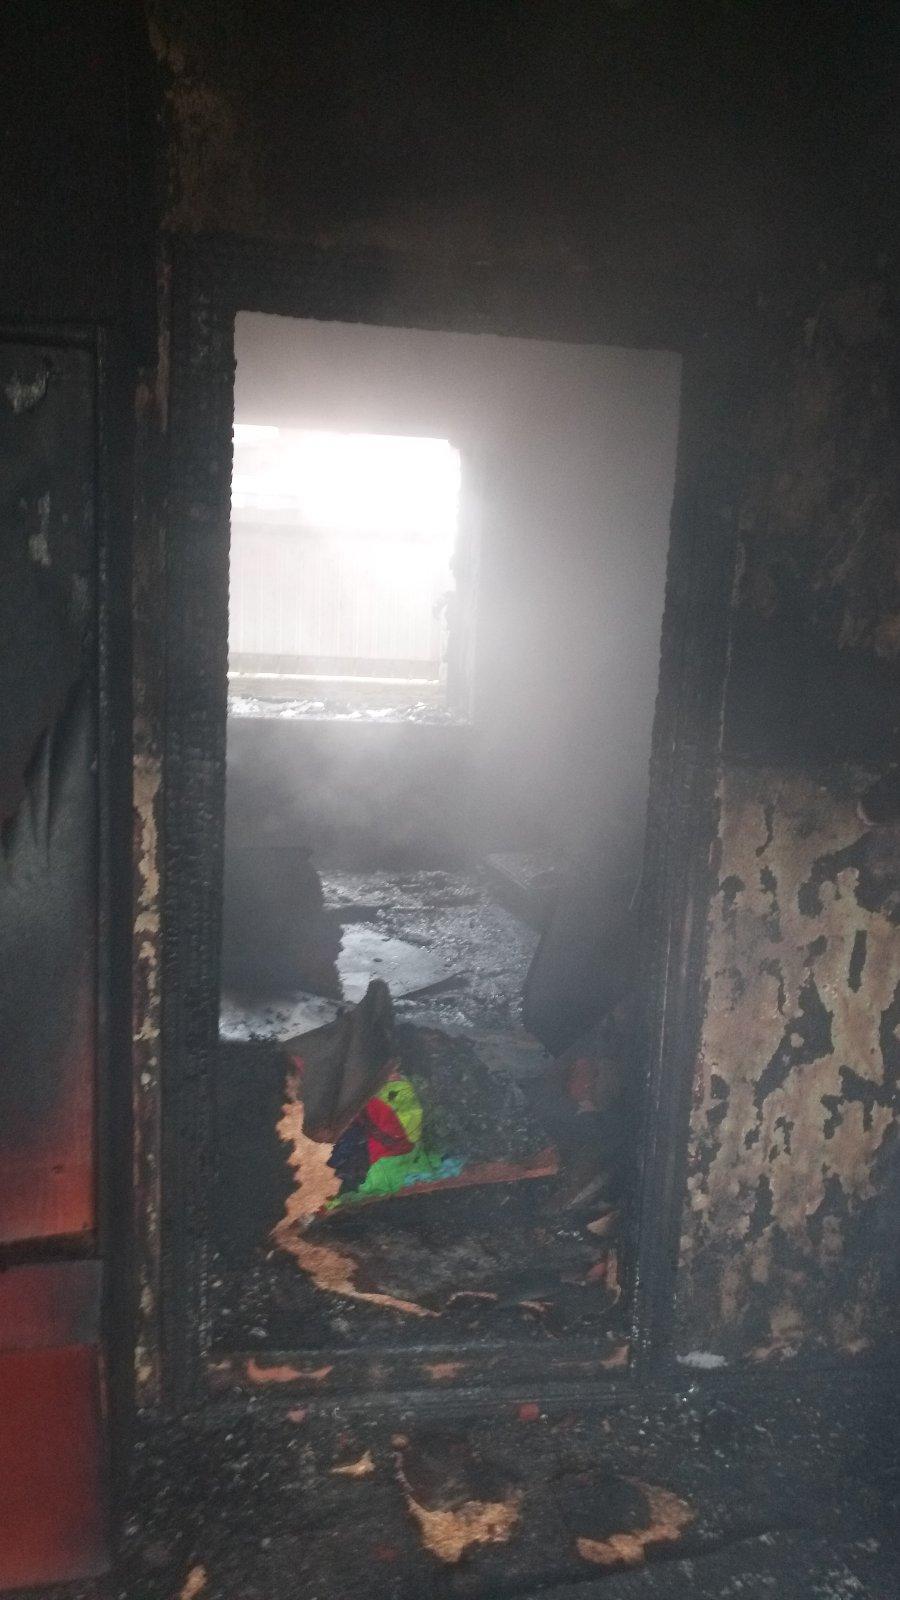 В Озерном Измаильского района горел жилой дом, погибла женщина